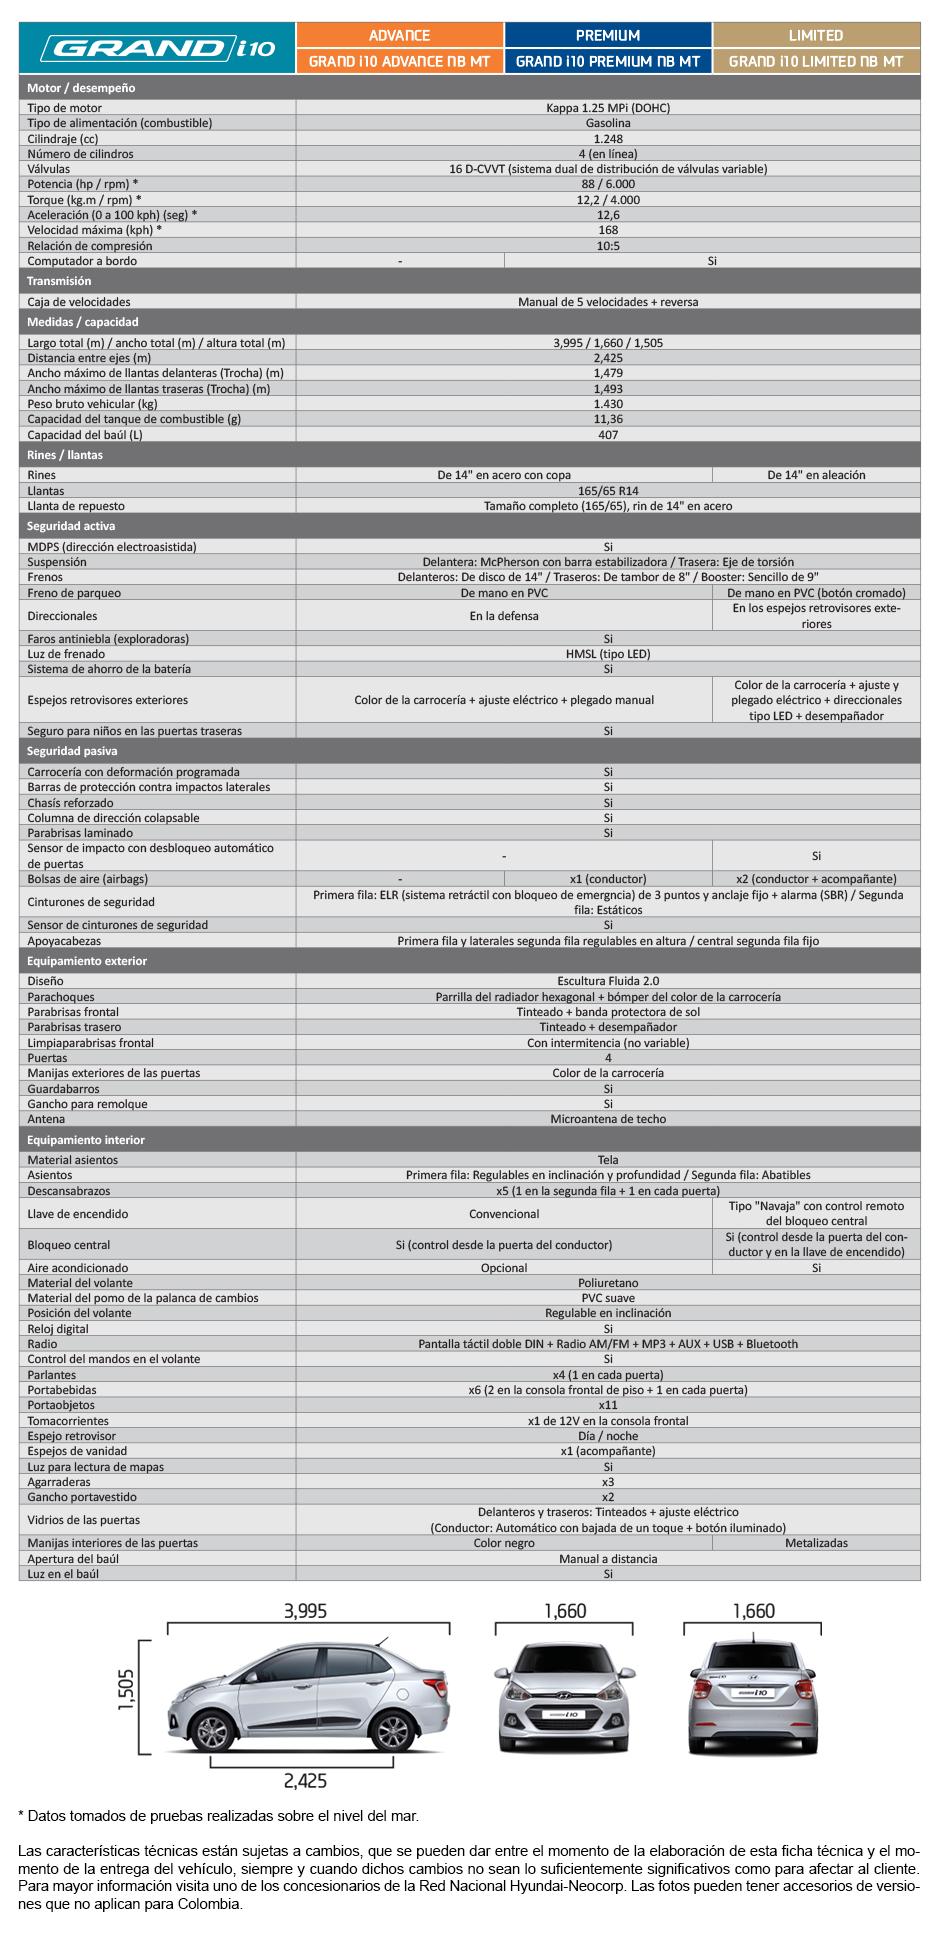 Especificaciones técnicas Hyundai Grand i10 Tipo Sedán